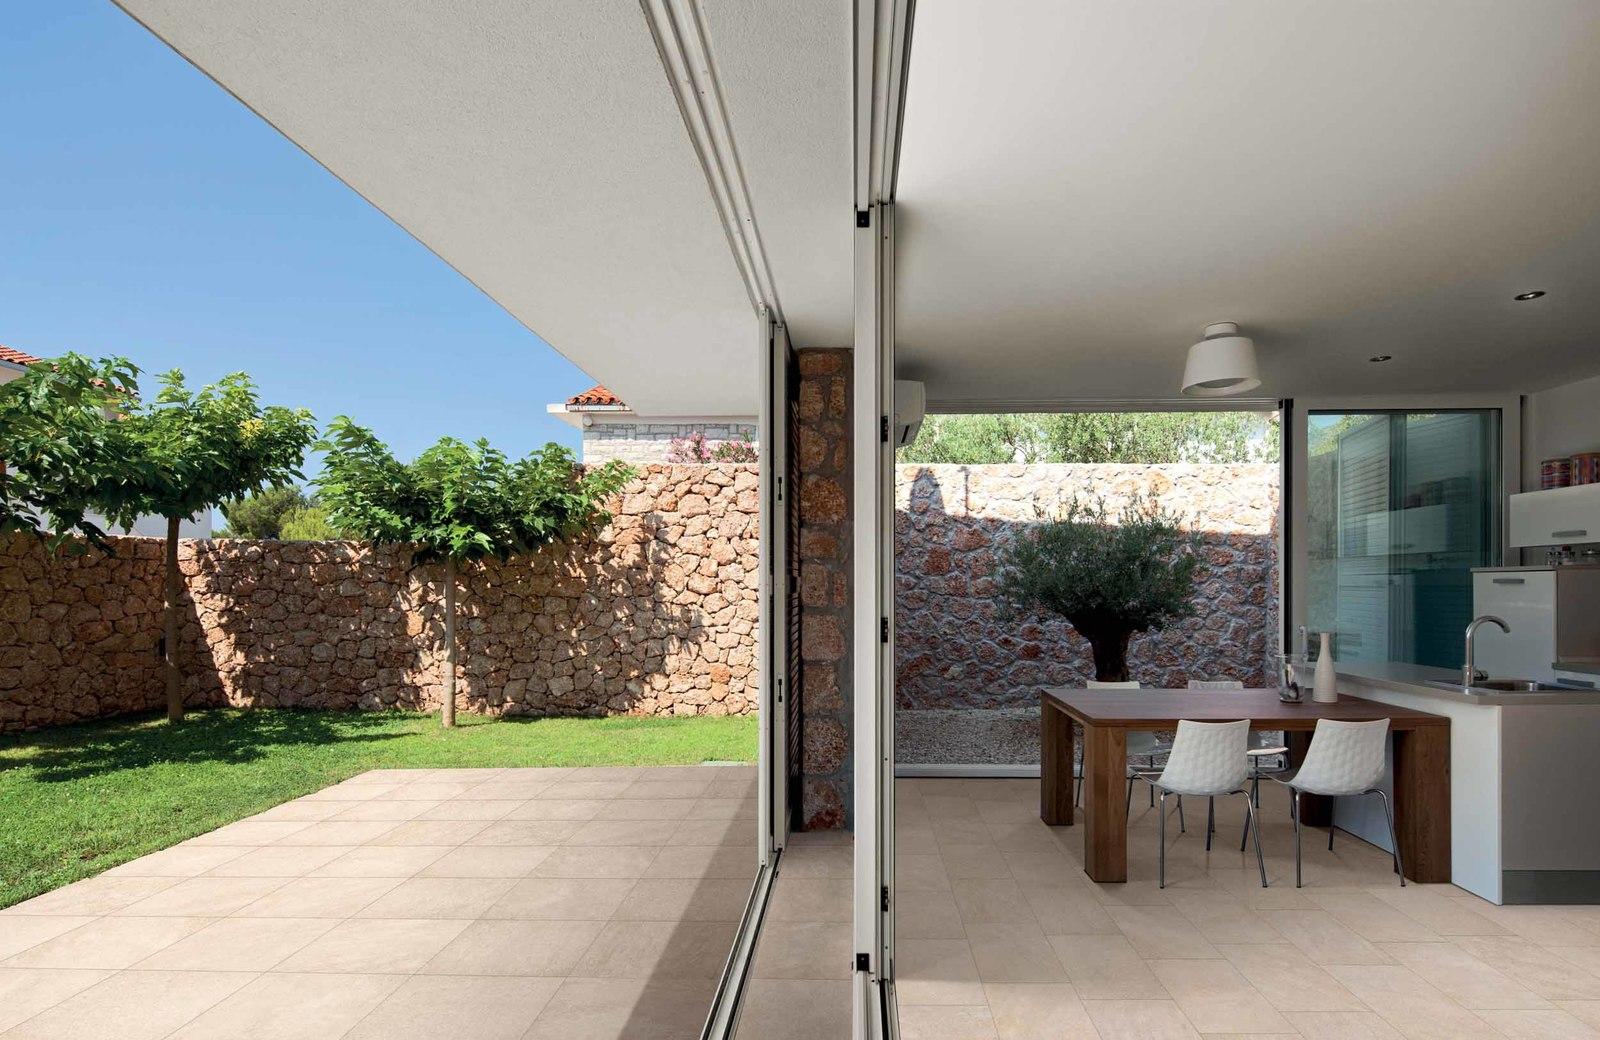 Stil_casa_belsito_cosenza_bbls_group_paviment_rivestimenti_arredo_bagno_piastrelle_ceramica_stile_moderno_8